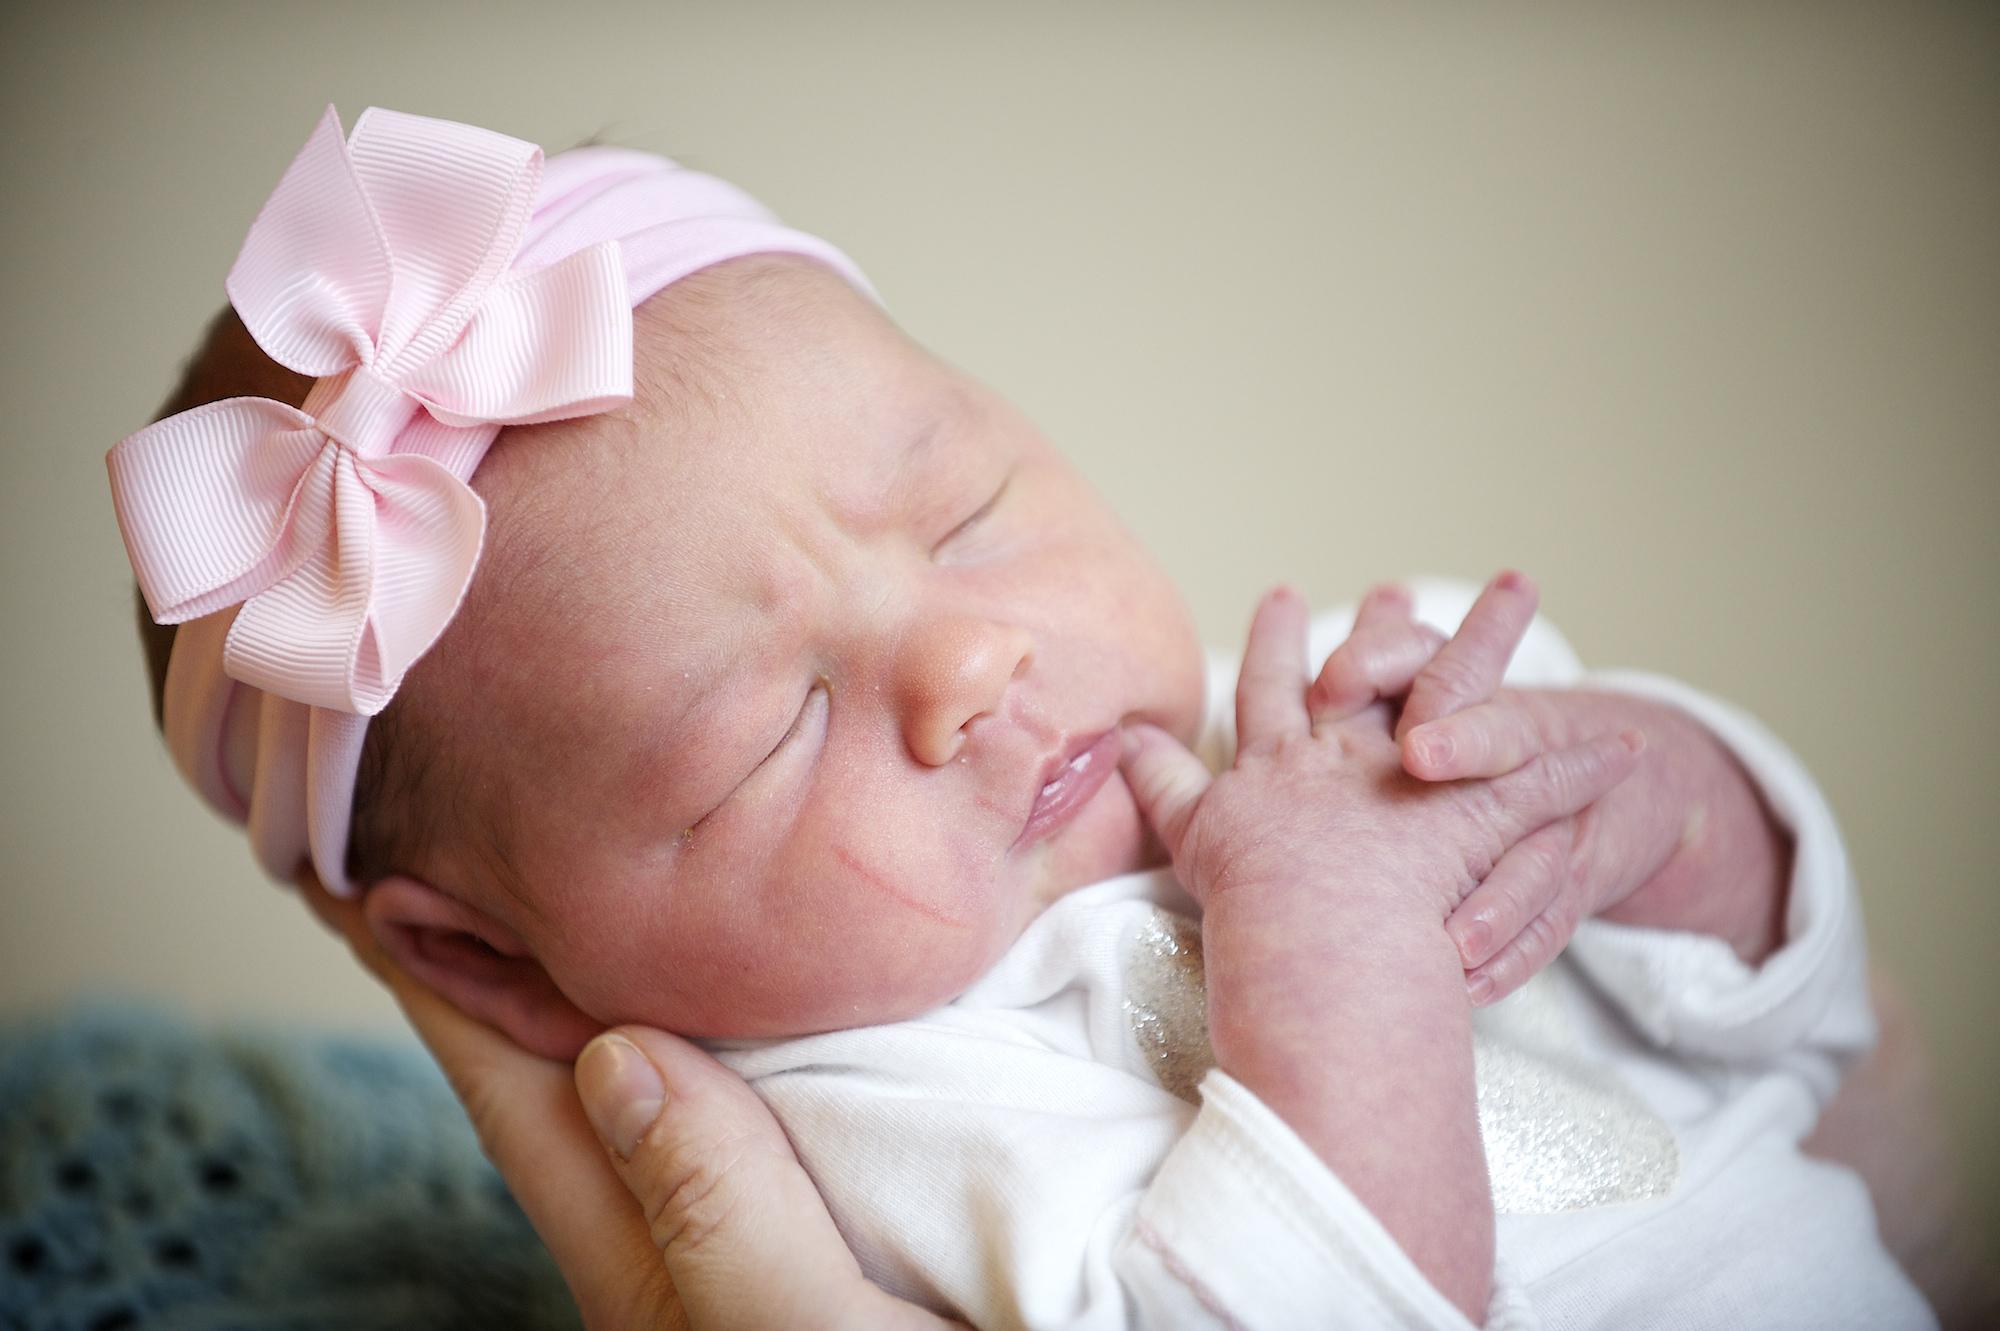 راز داشتن نوزادی زیبا و سالم از منظر طب سنتی